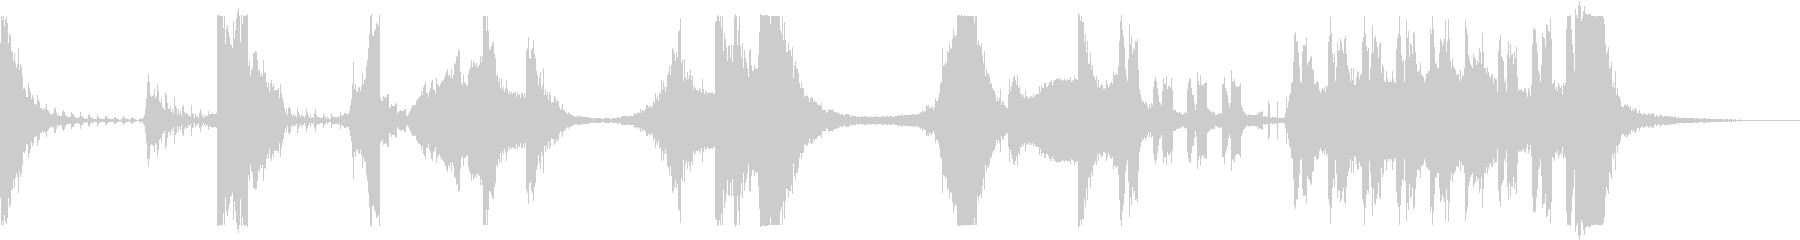 メタルヒット、メタルスウィッシュ、...の未再生の波形